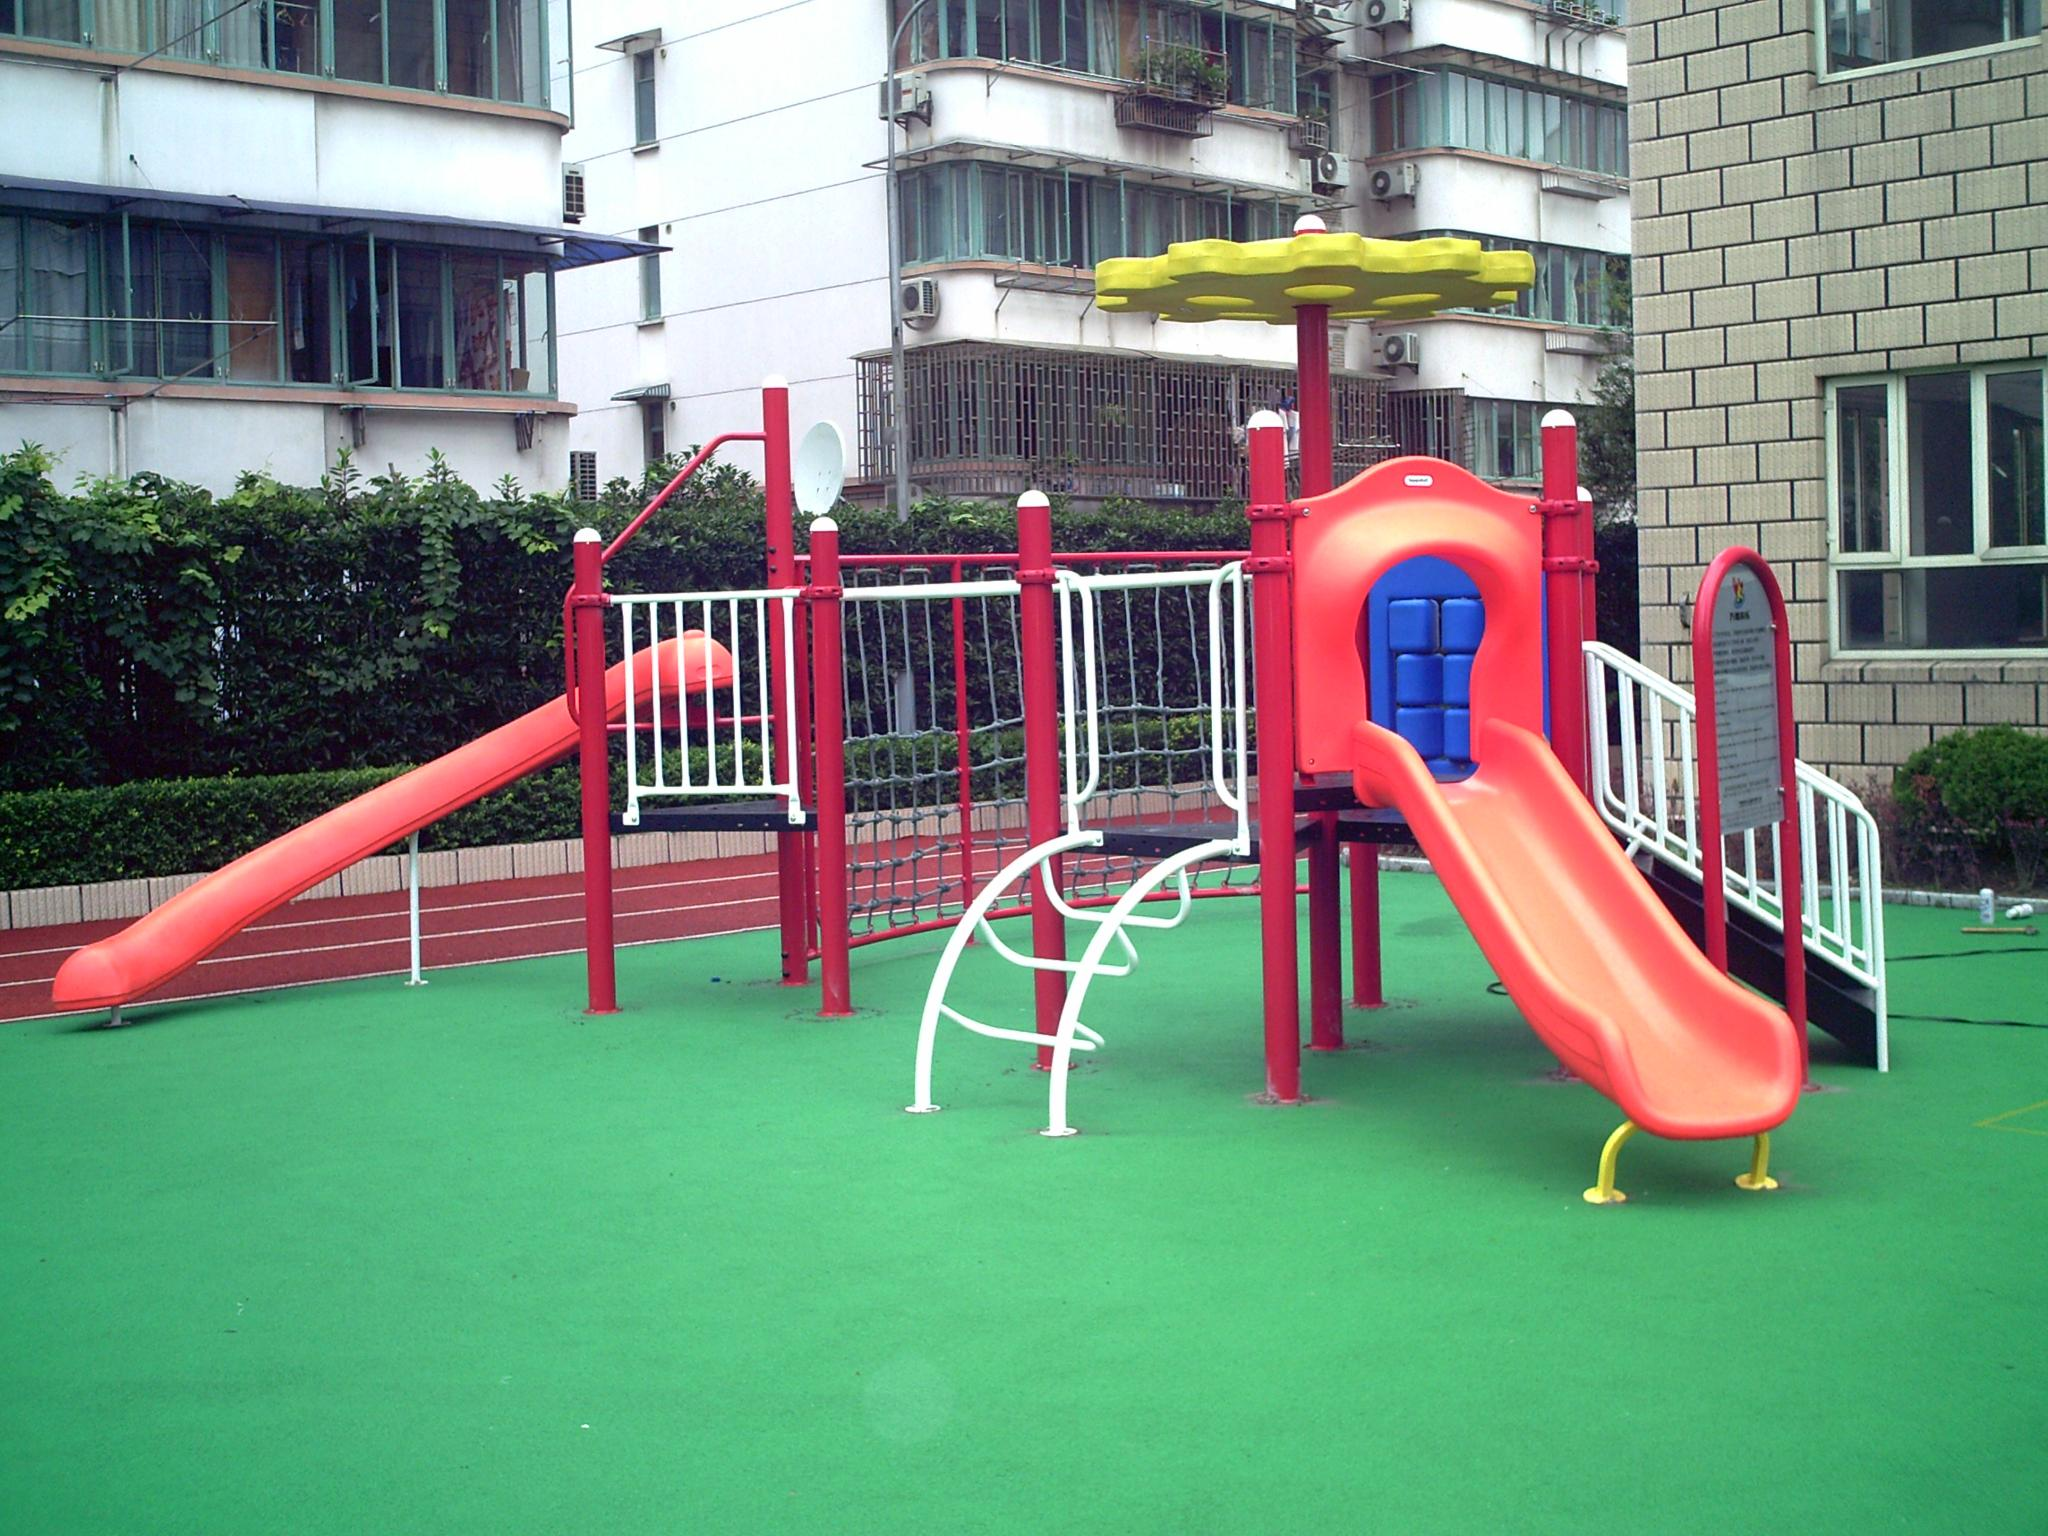 淘气堡 组合滑梯 跷跷板 转椅 秋千 婴幼儿教具  产品信息: 游乐设施